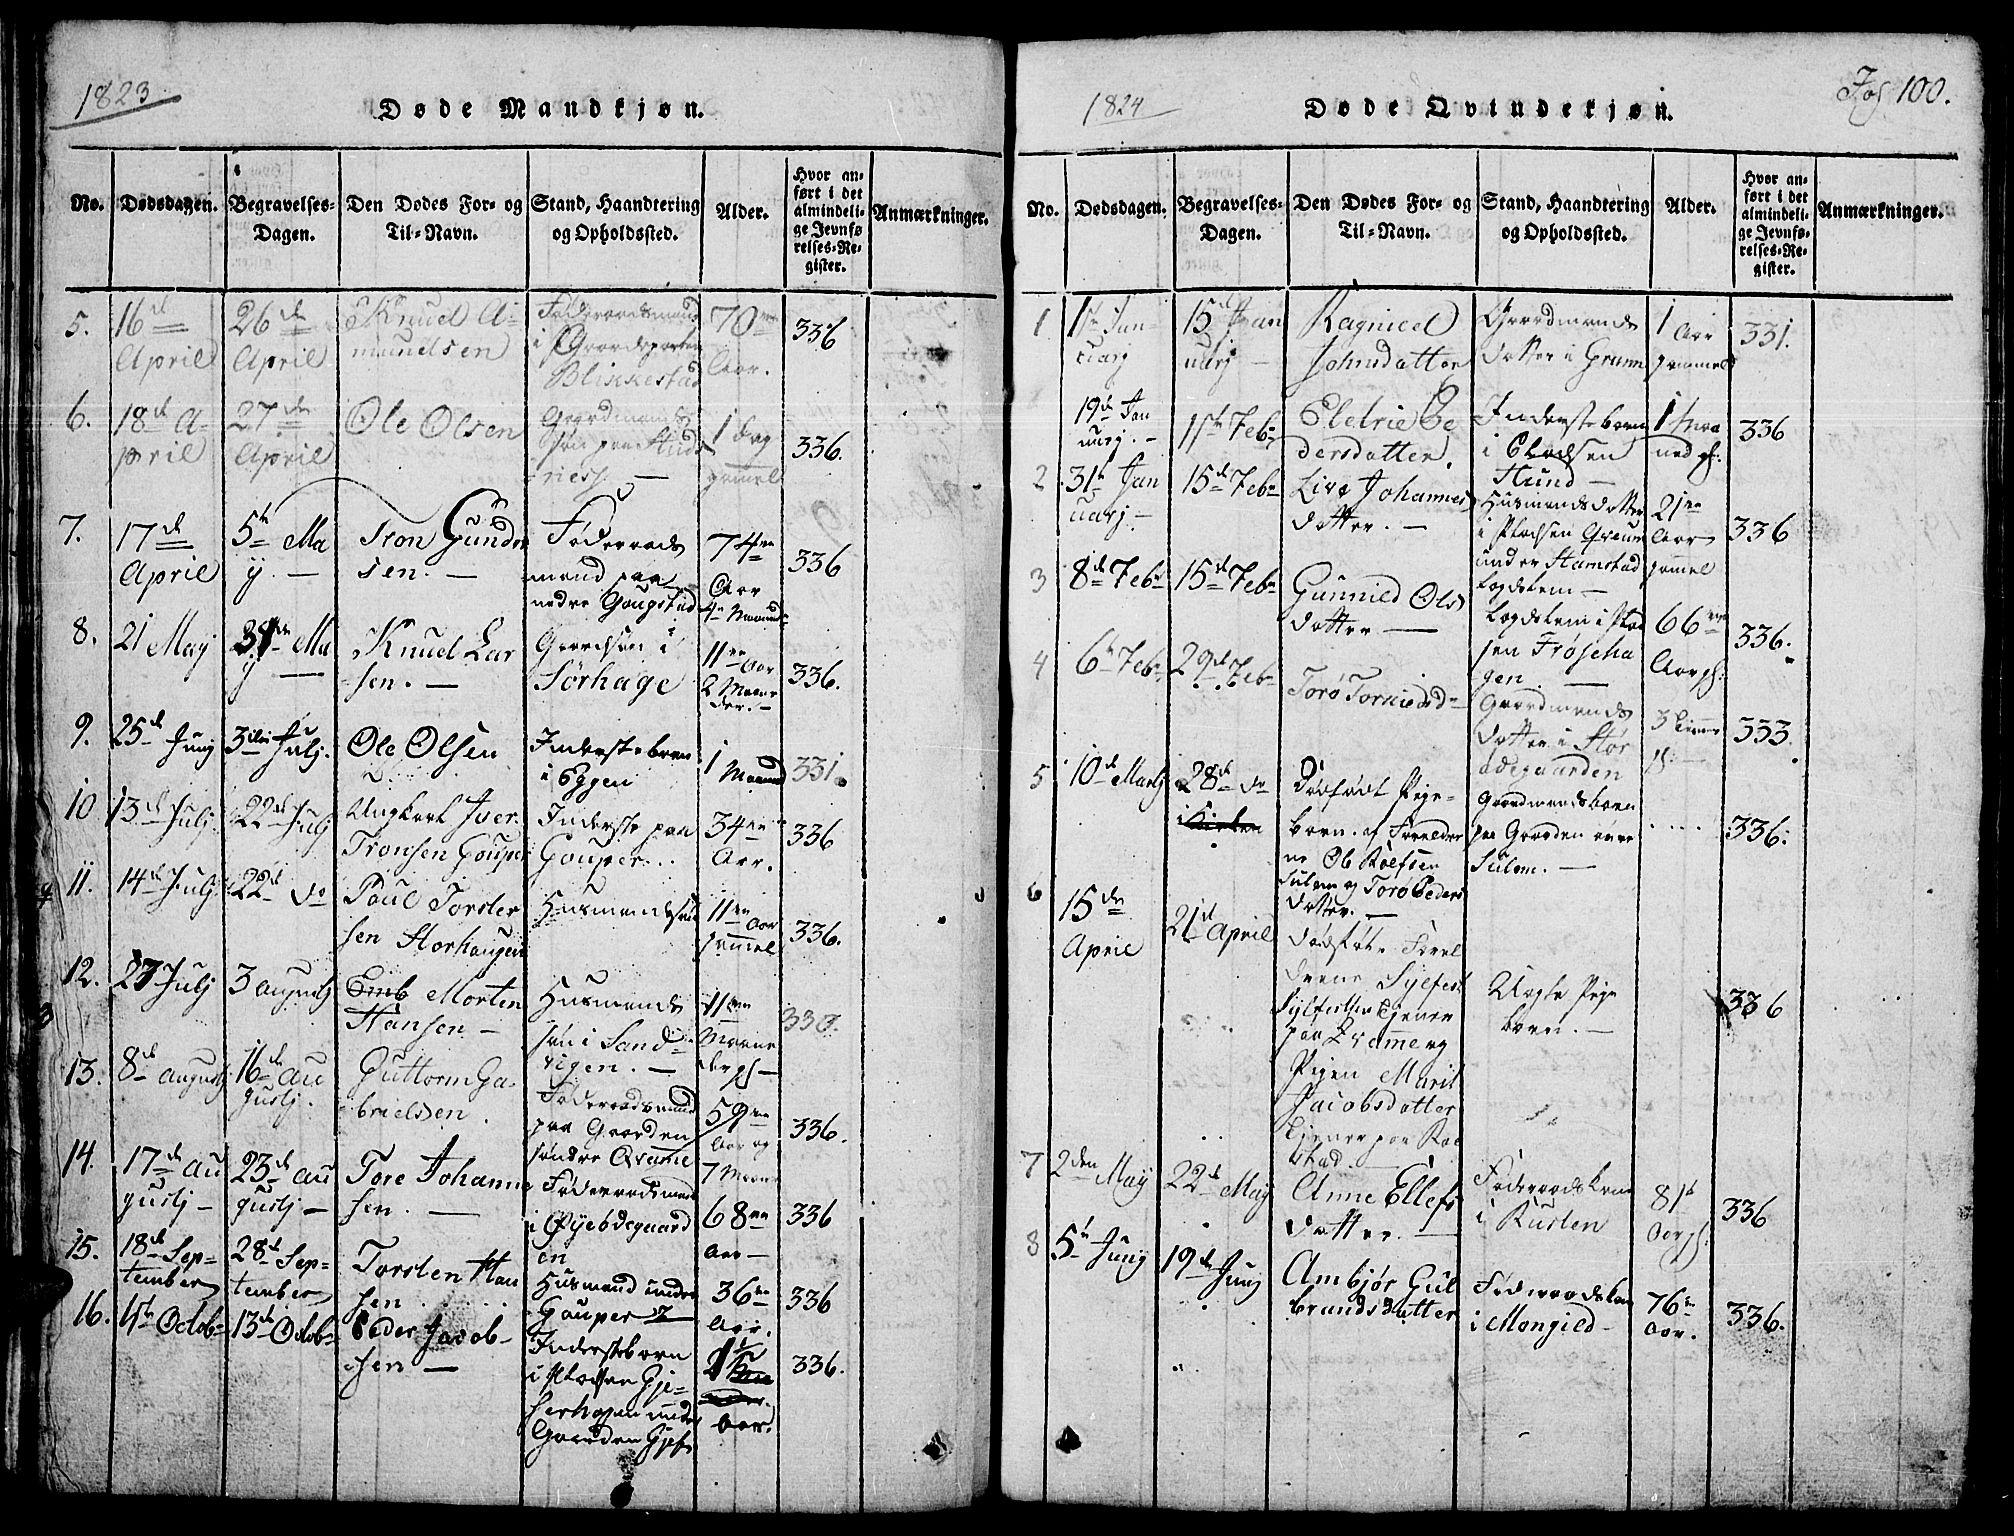 SAH, Lom prestekontor, L/L0001: Klokkerbok nr. 1, 1815-1836, s. 100